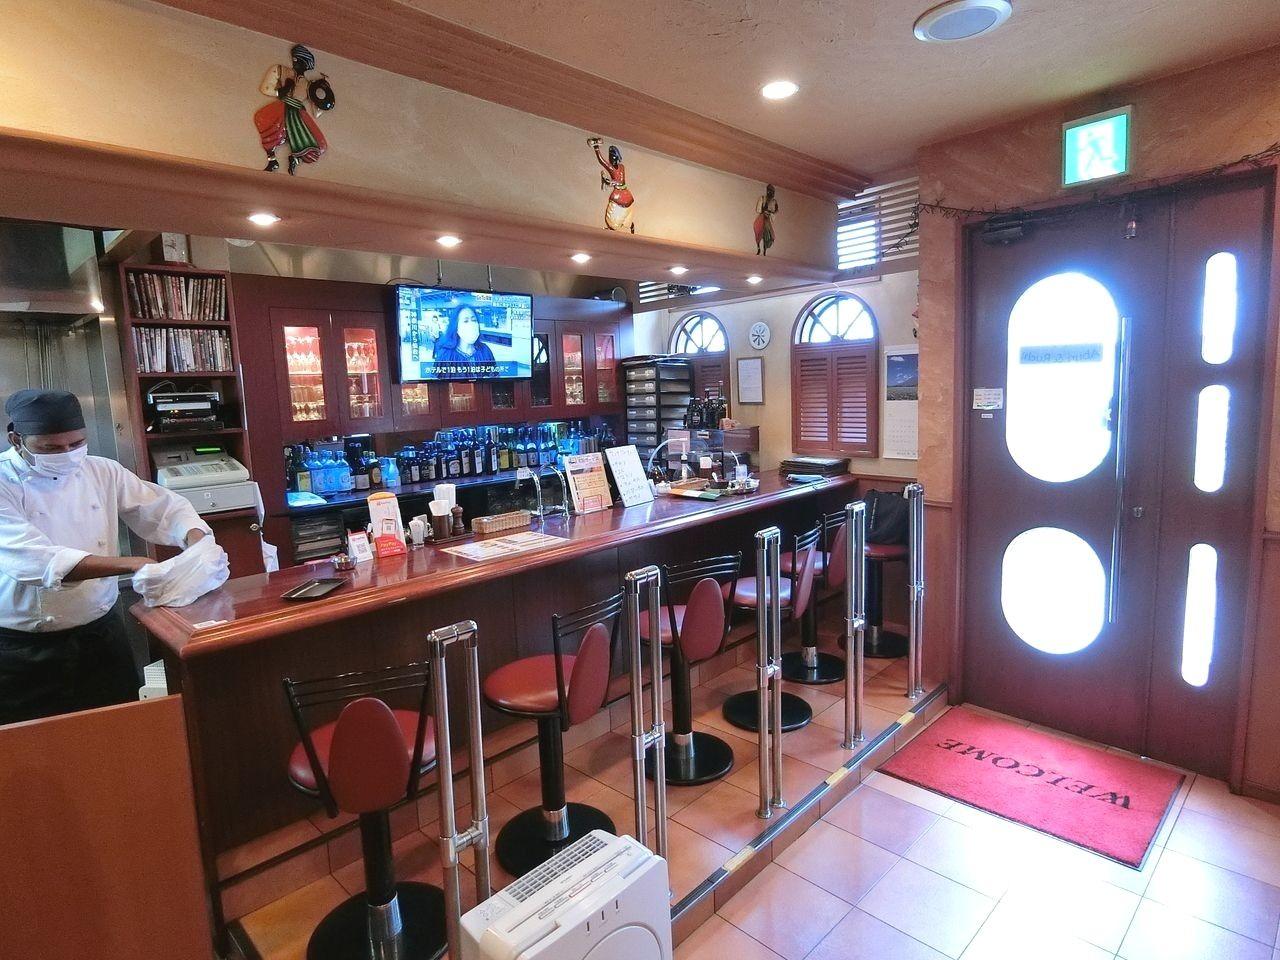 板橋区東坂下のインドレストラン Aburi&Ruchi(アブリ&ルチ)